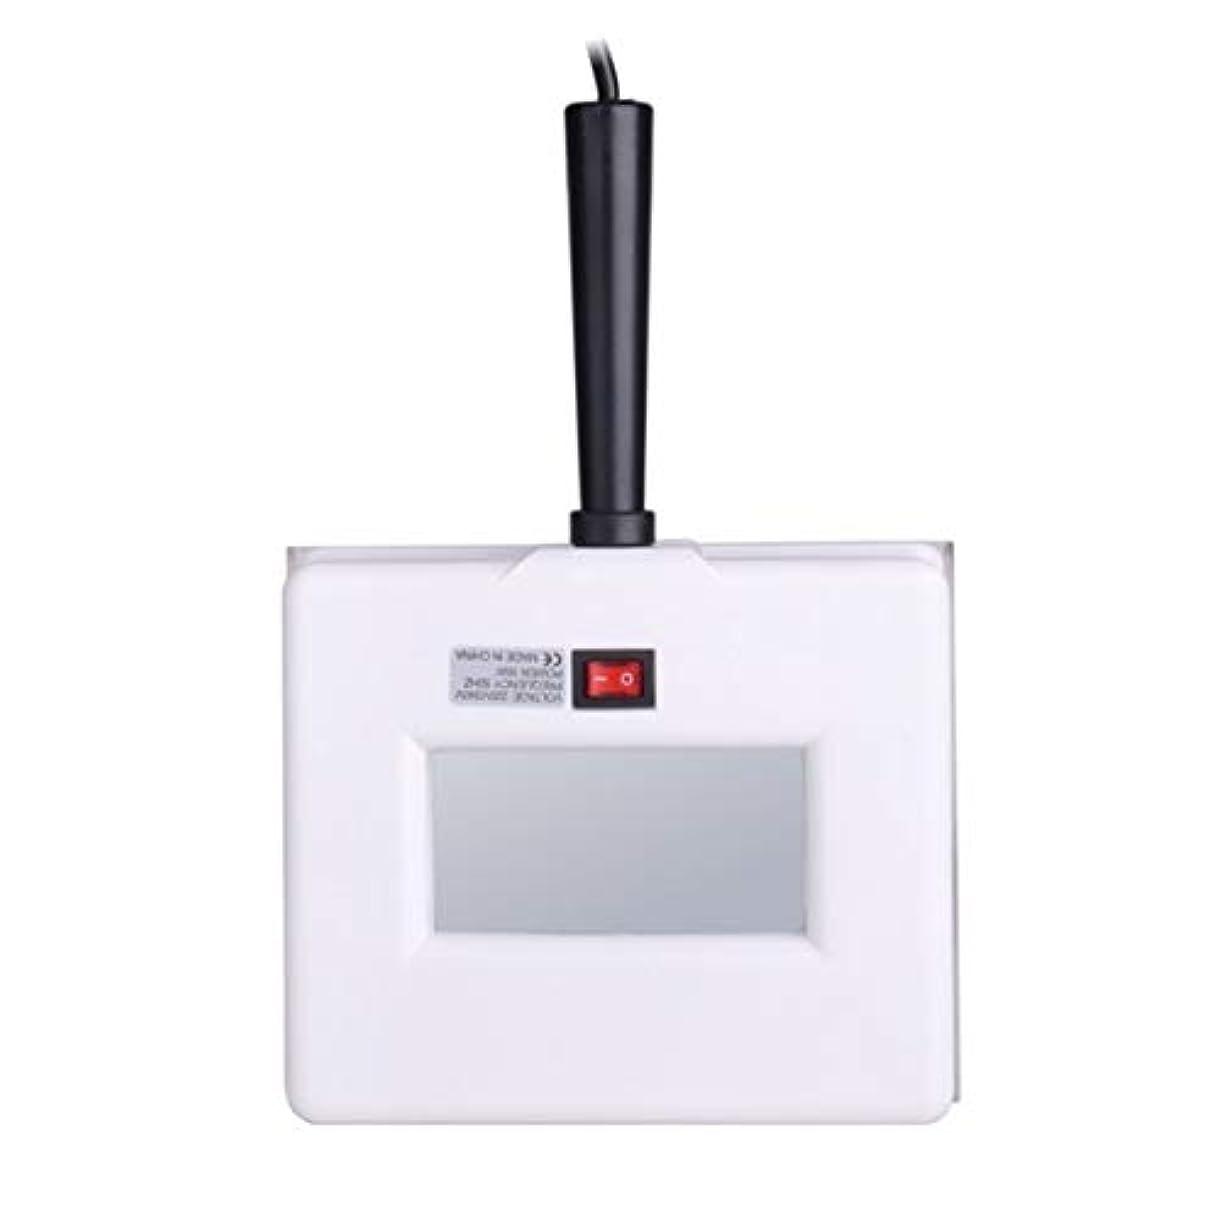 ベルト価値のないポップIntercoreyランプスキンケアUVスキンテストライトウッドランプスキンアナライザープロウッドランプUV拡大美容フェイシャルデバイス